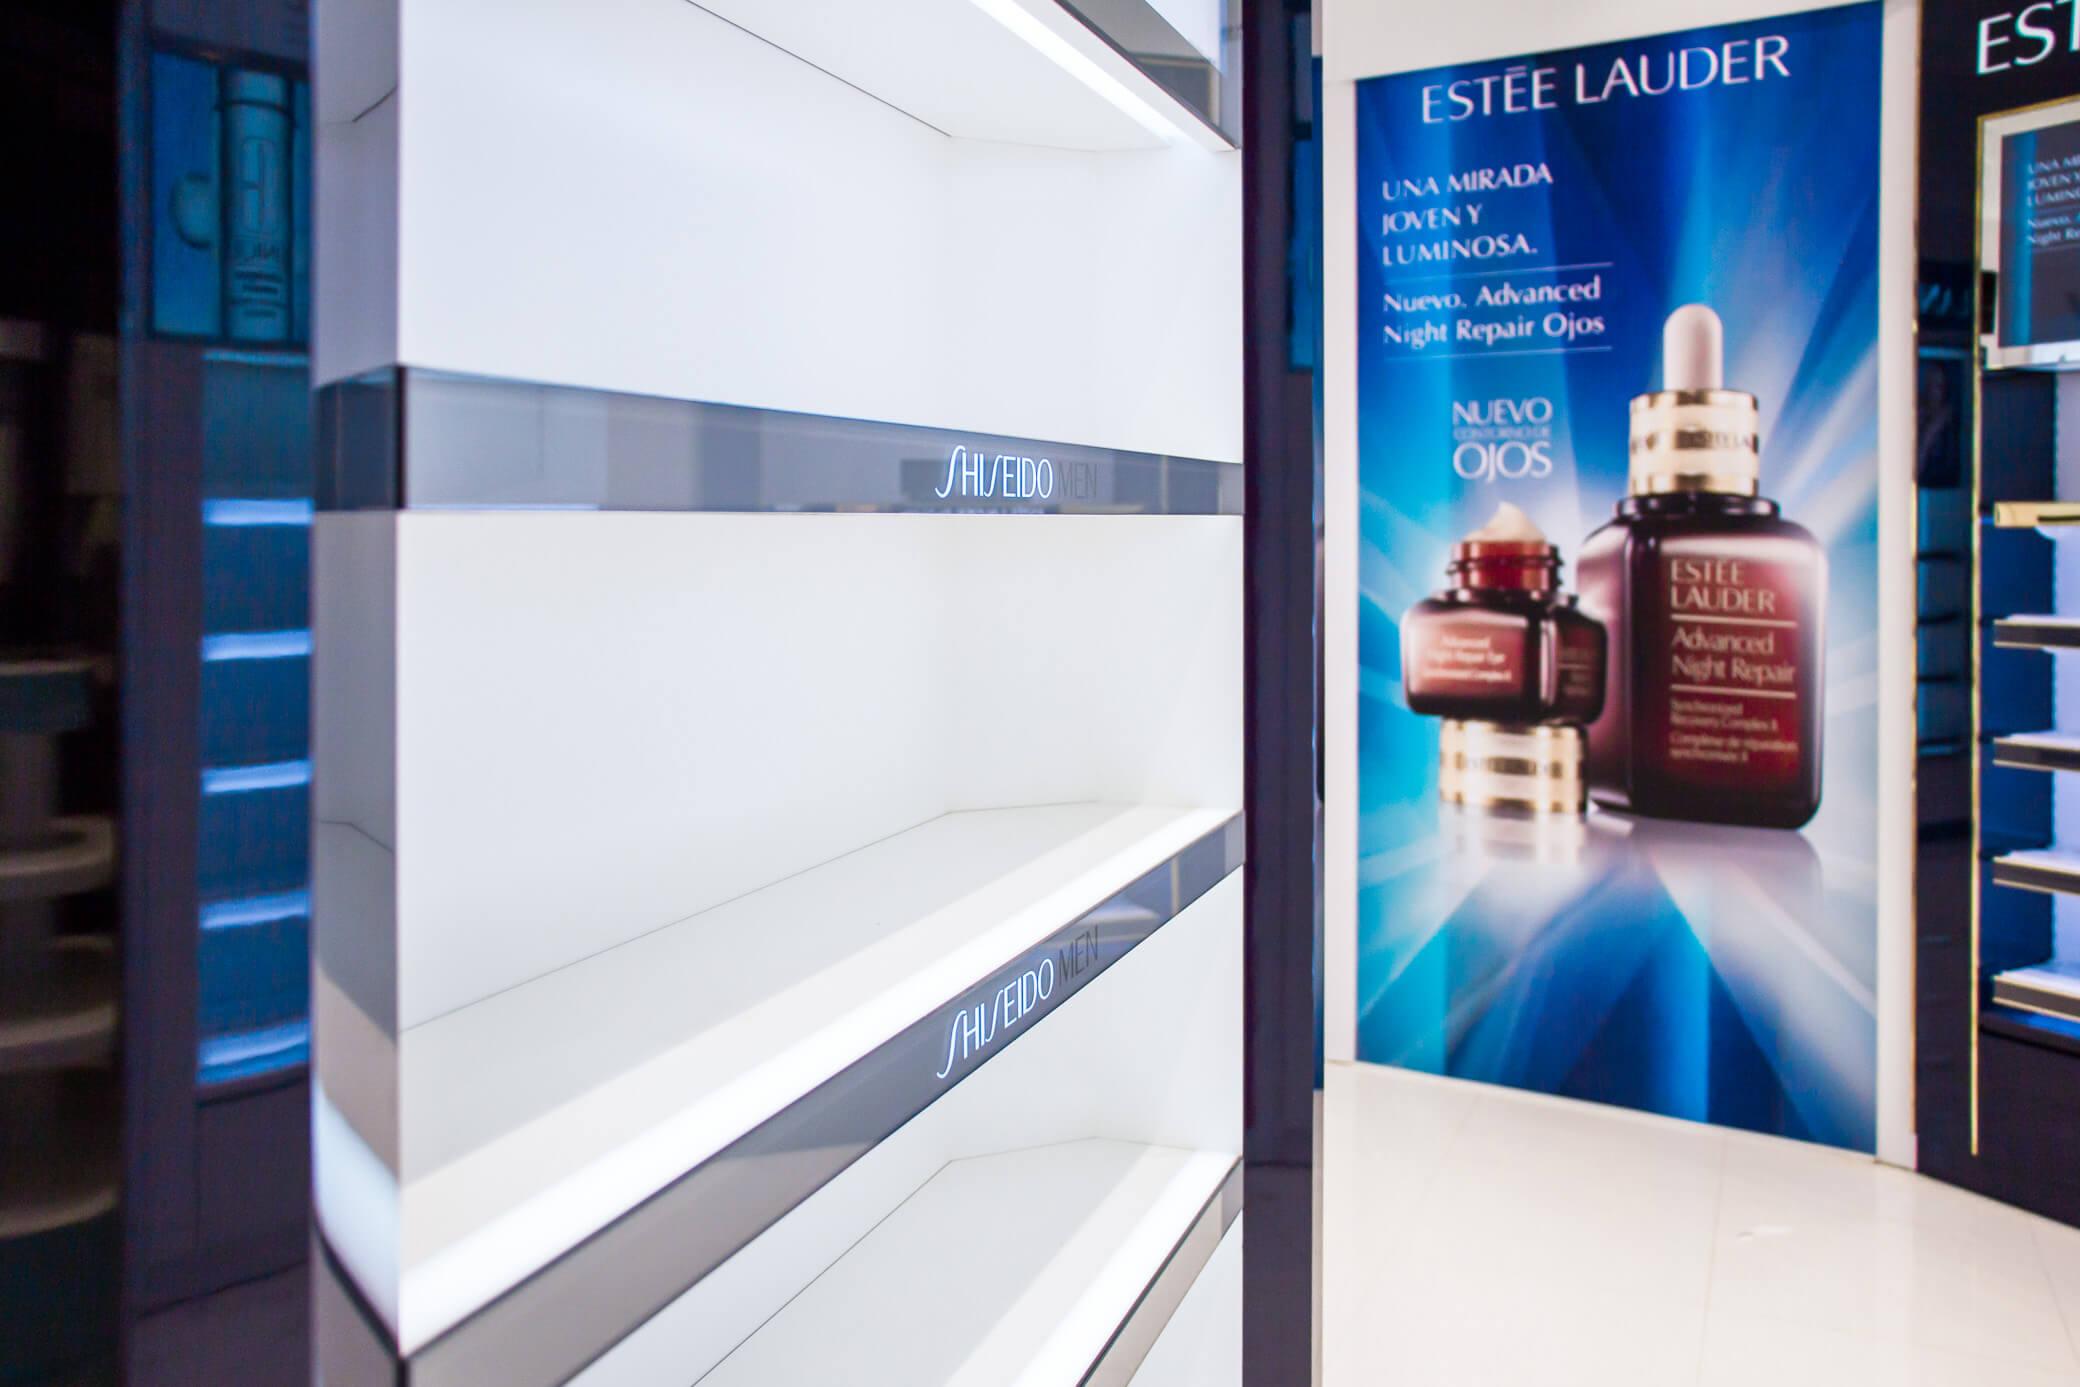 Visual Estel Lauder y estantería Shiseido